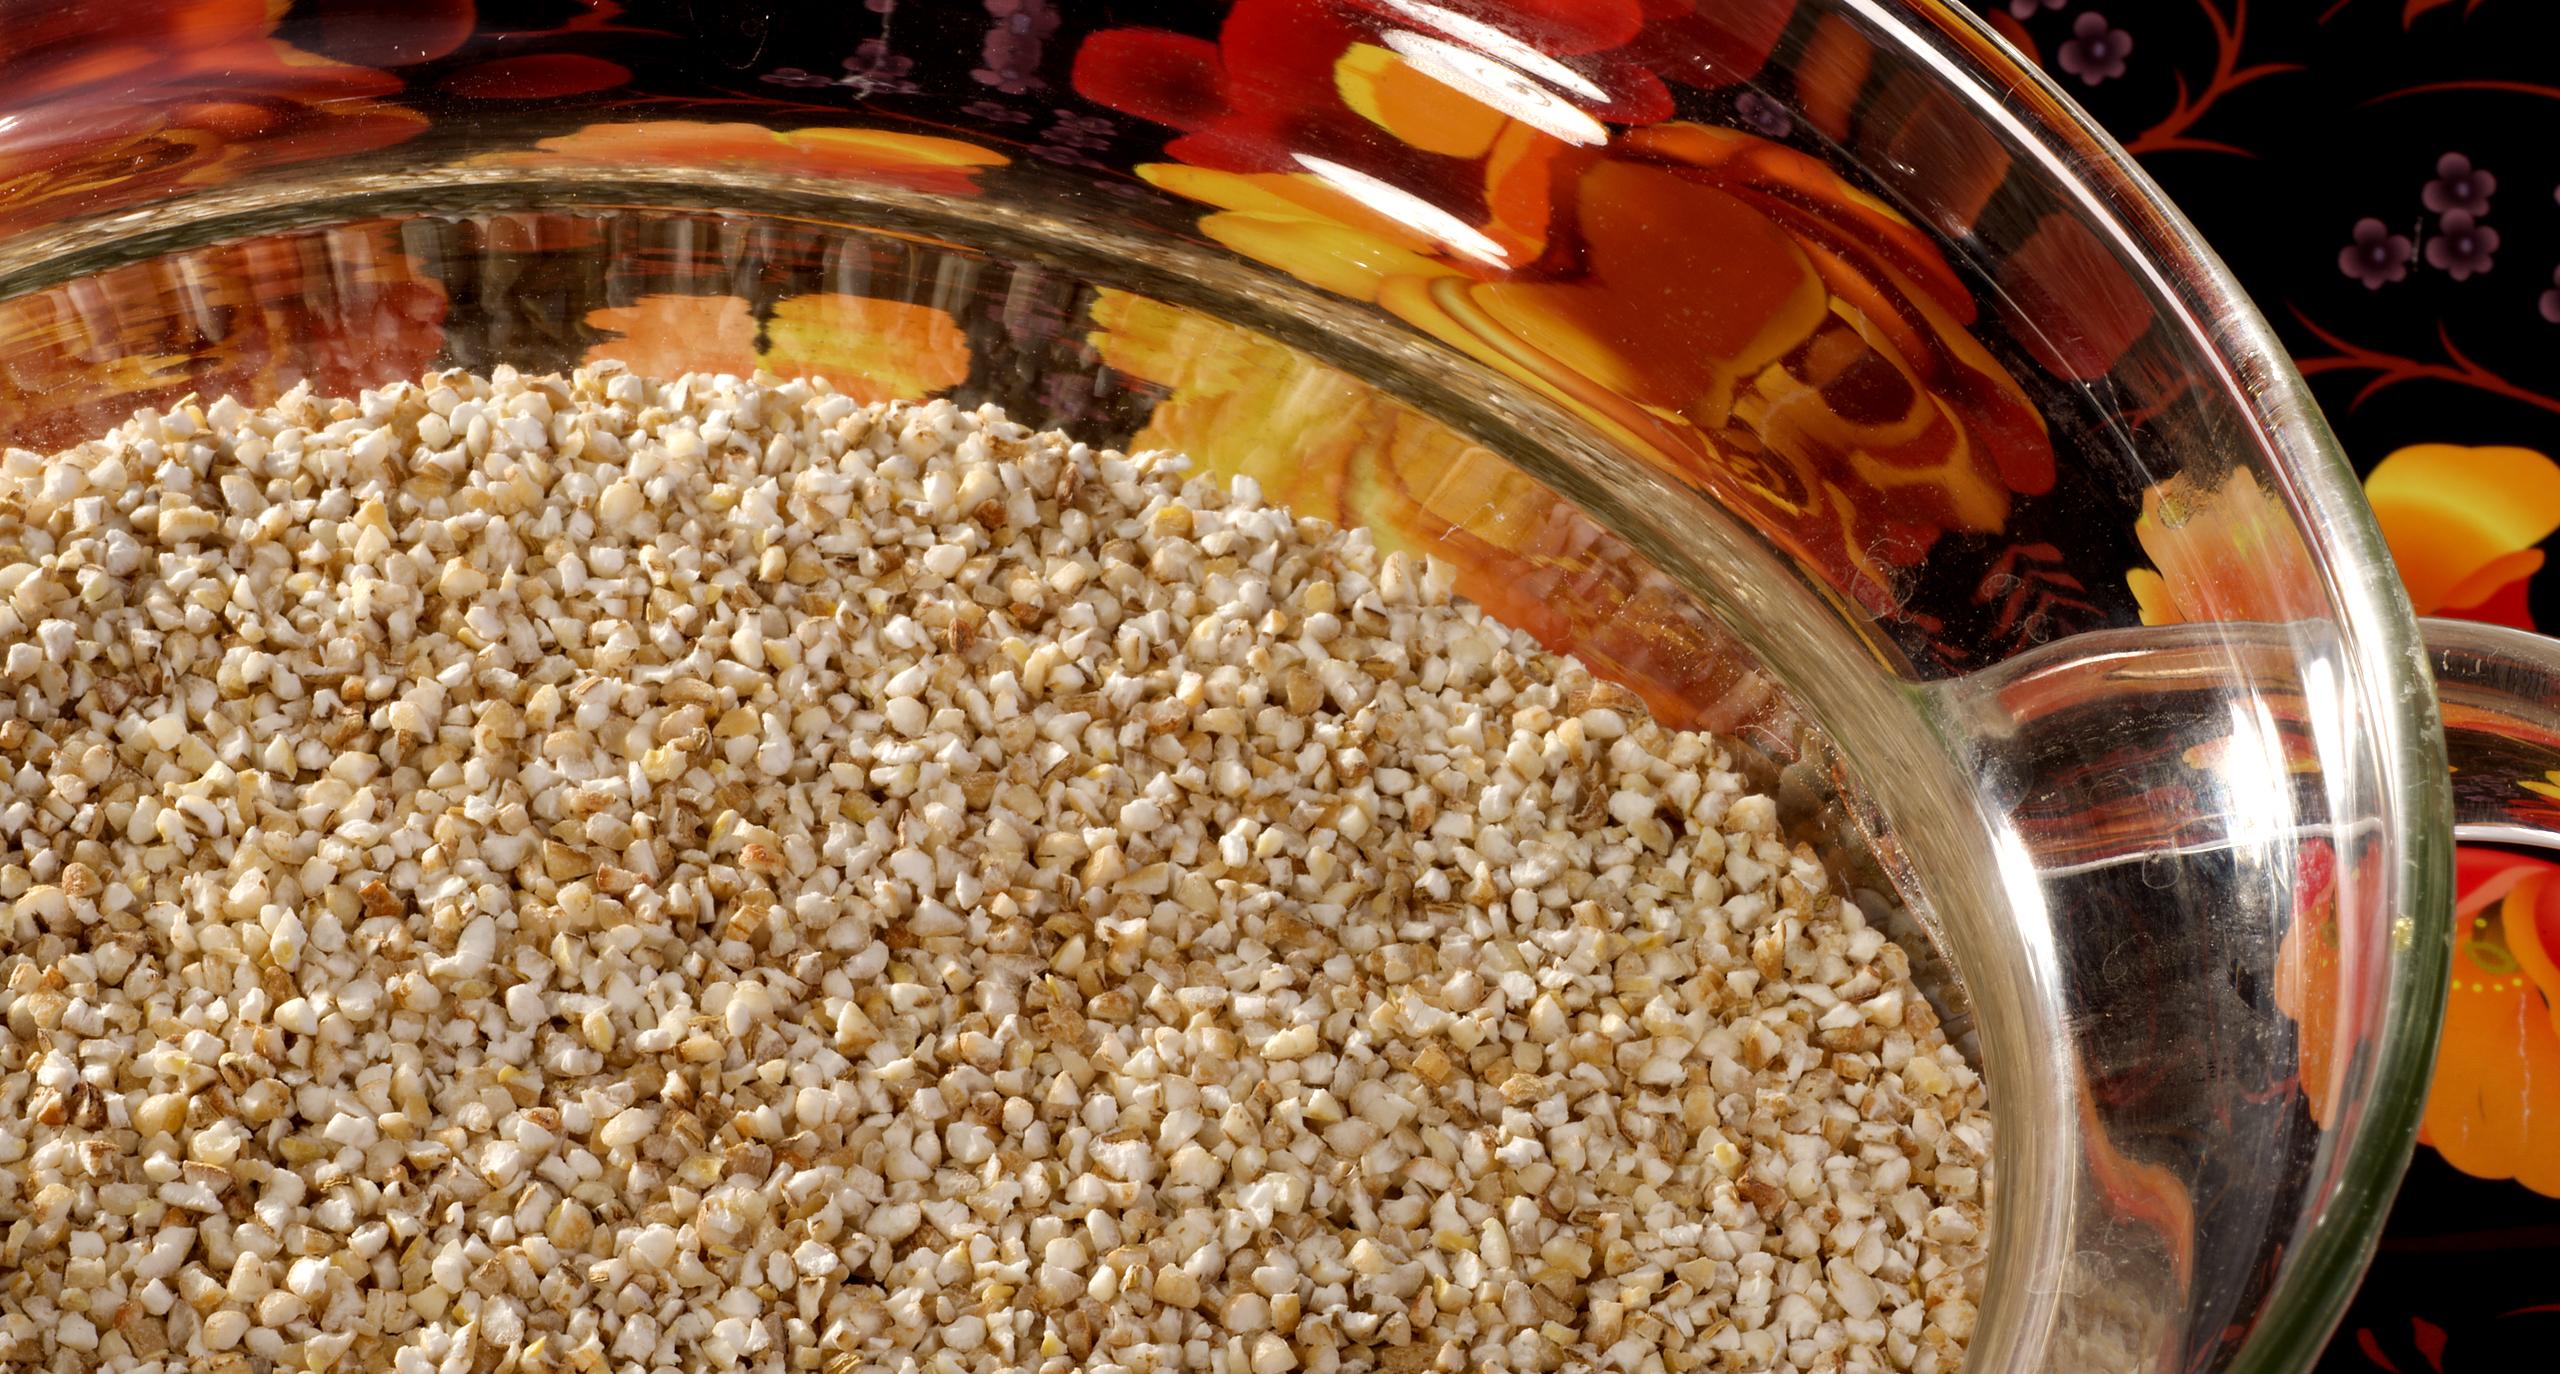 Ячневая крупа: бюджетный продукт, из которого можно готовить не только каши